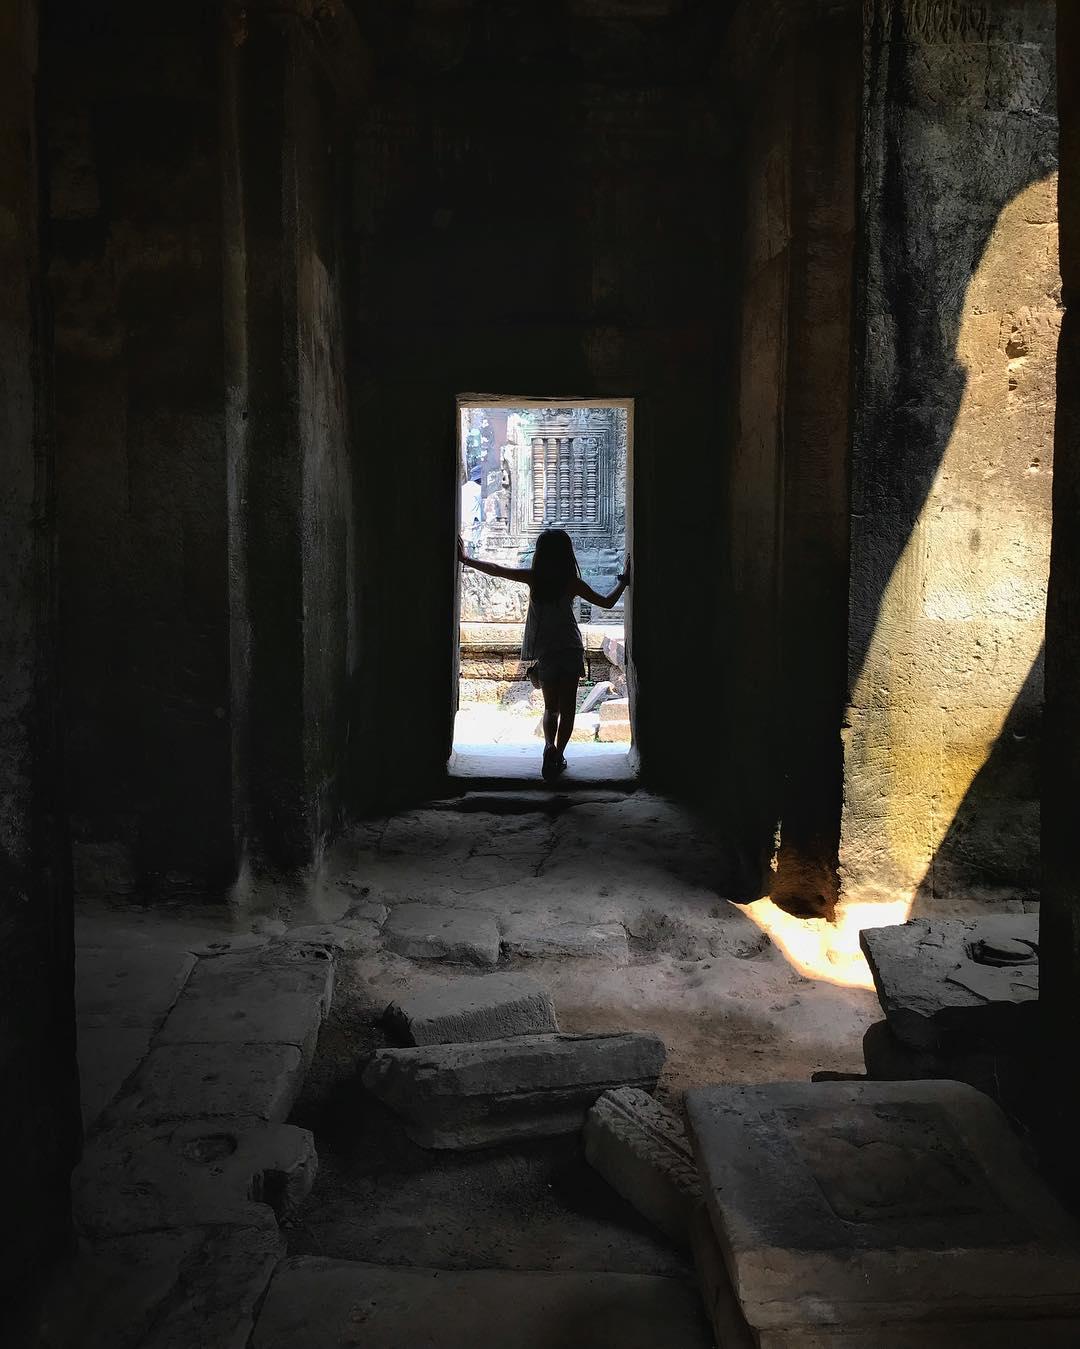 tomb raider: the prequel